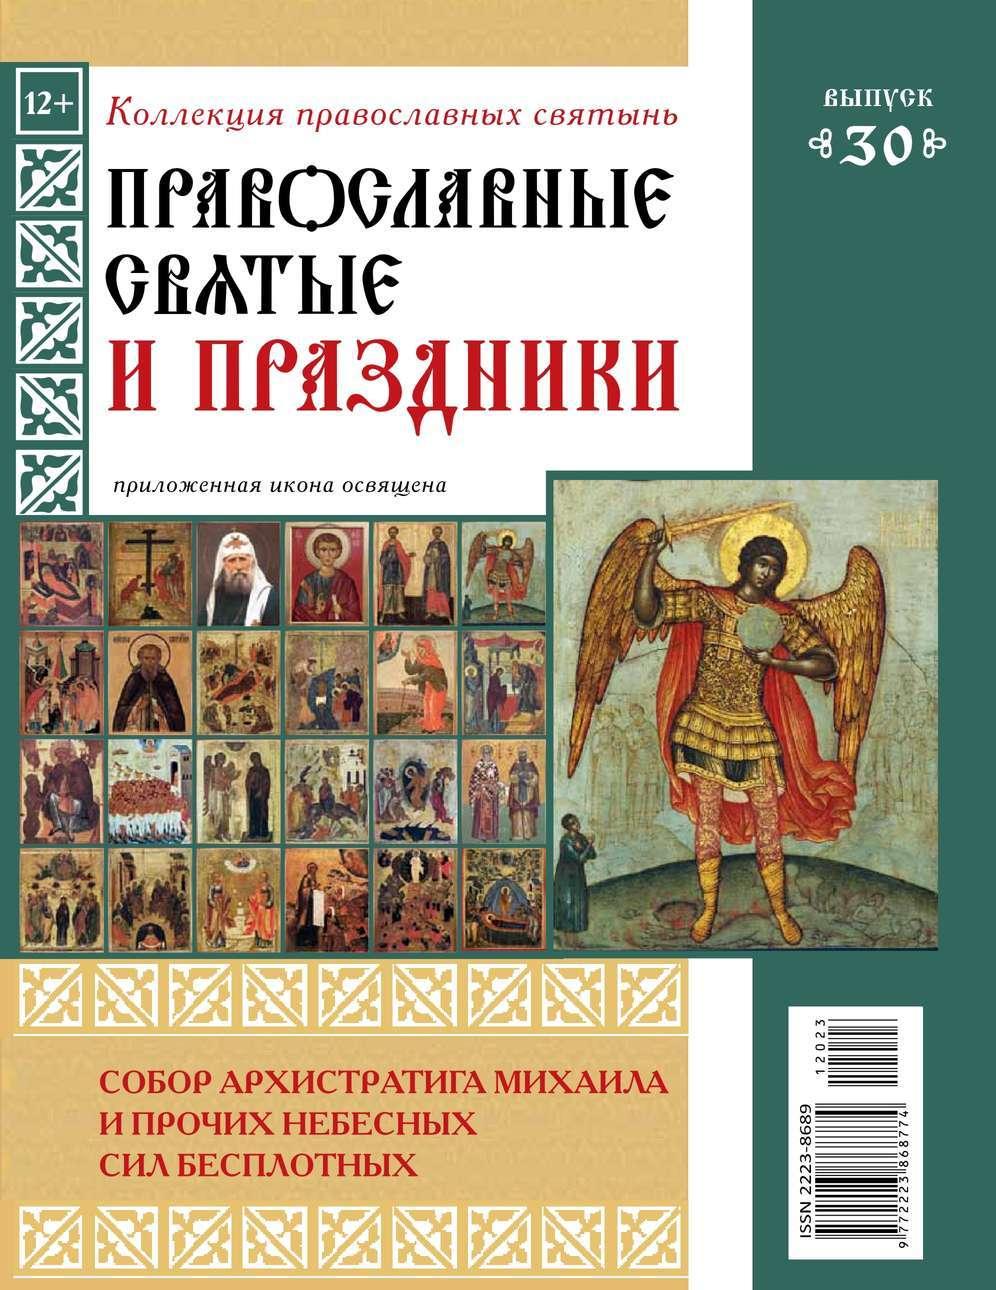 Коллекция Православных Святынь 30